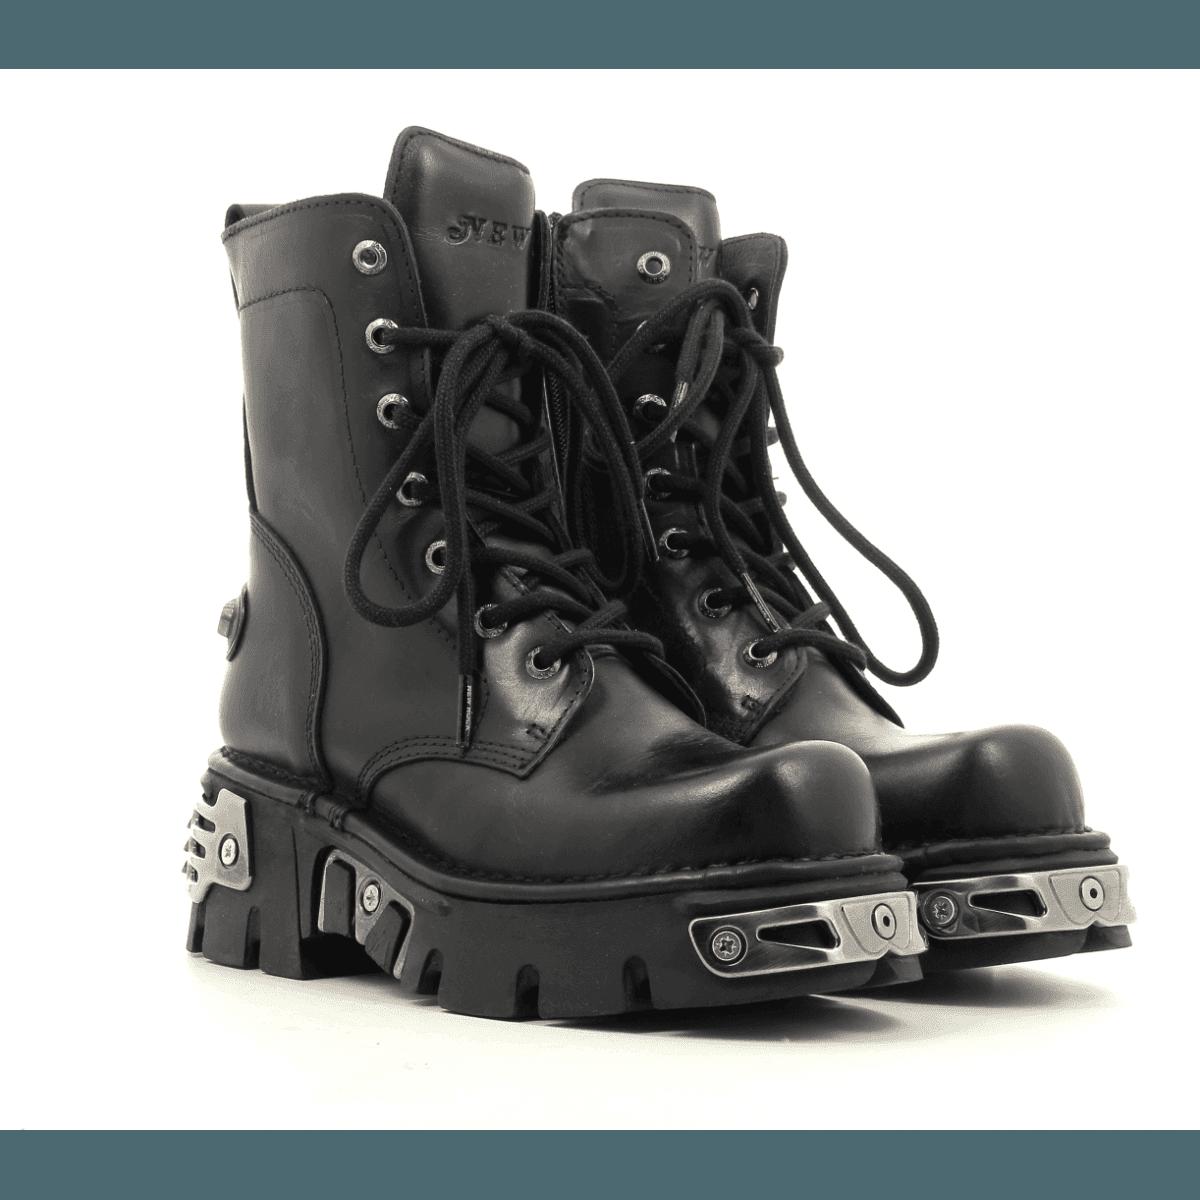 Bottines rock à semelle épaisse New Rock shoes - M563